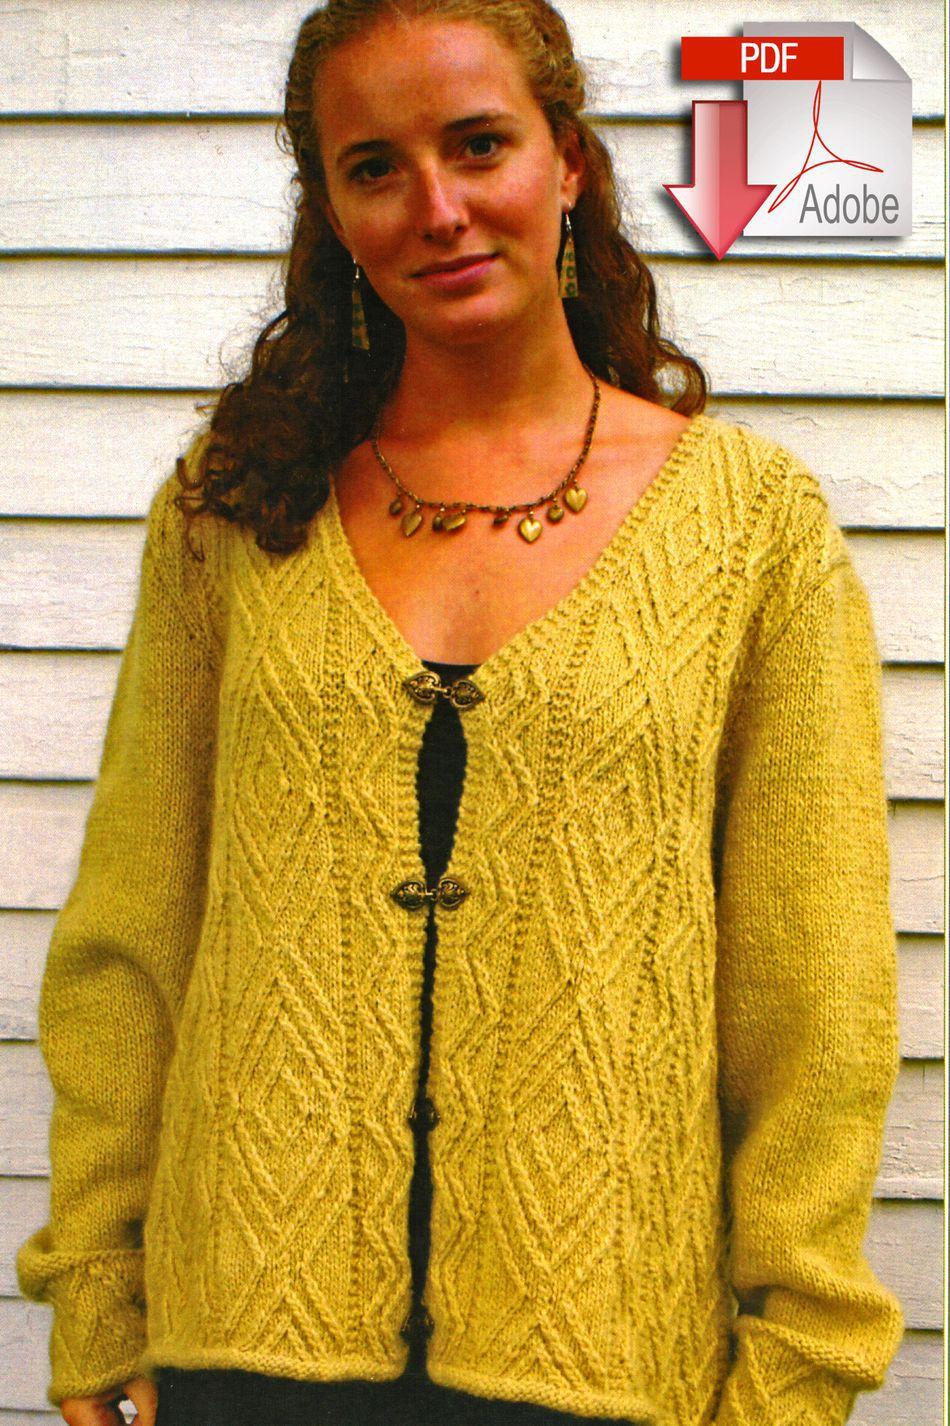 Austrian stitch cardigan pattern download harrisville designs knitting patterns austrian stitch cardigan pattern download harrisville designs bankloansurffo Images